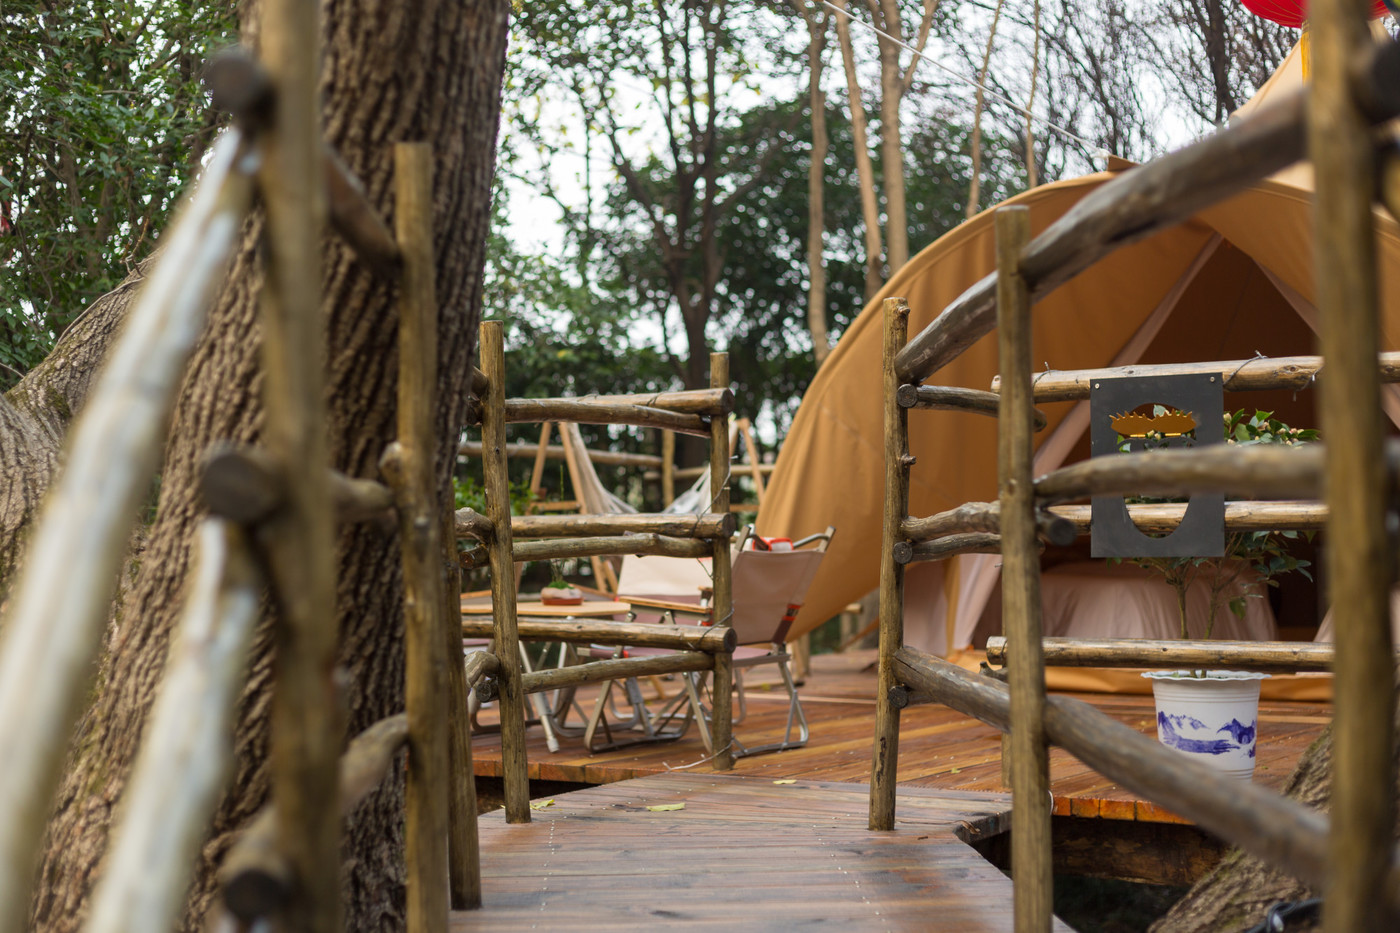 喜马拉雅野奢帐篷酒店—江苏常州天目湖树屋30